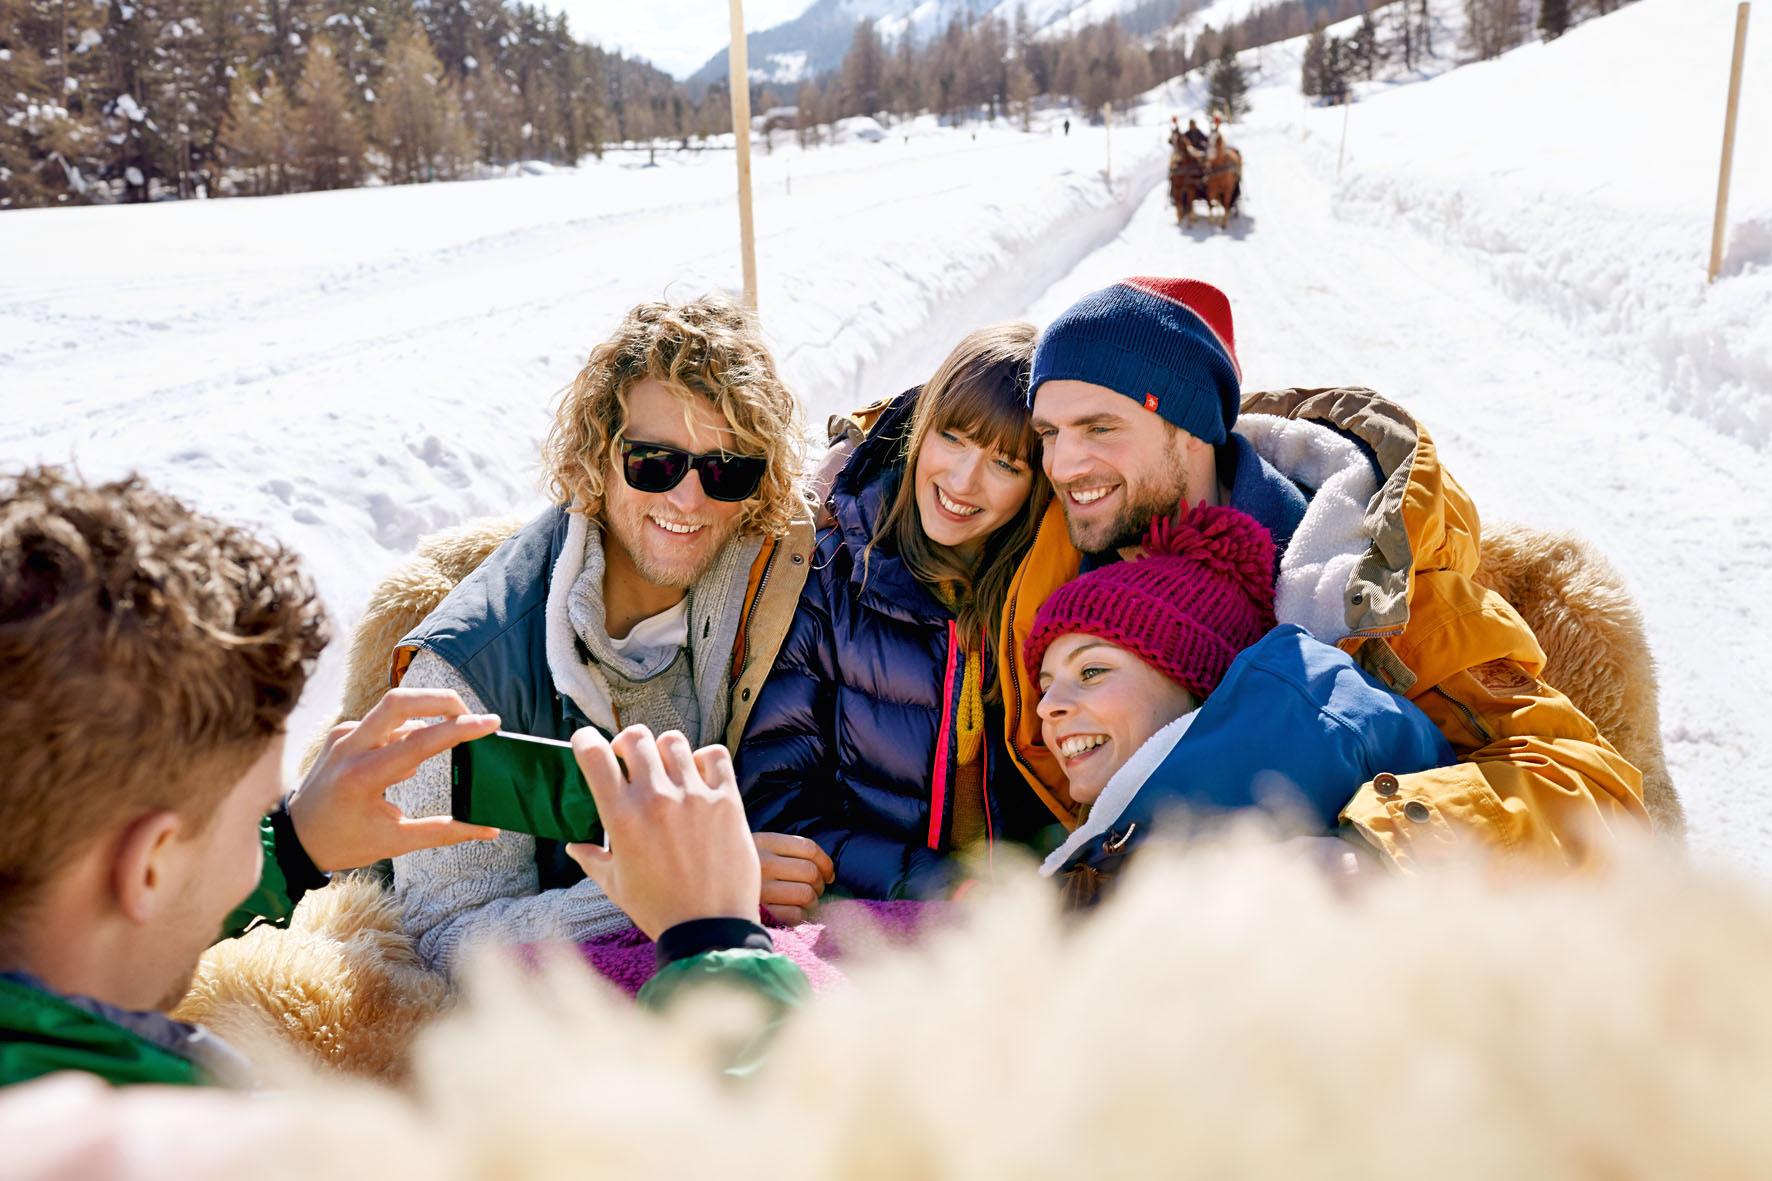 Dank Smartphone-Kamera bleibt der Weihnachtsurlaub im Schnee in bester Erinnerung.